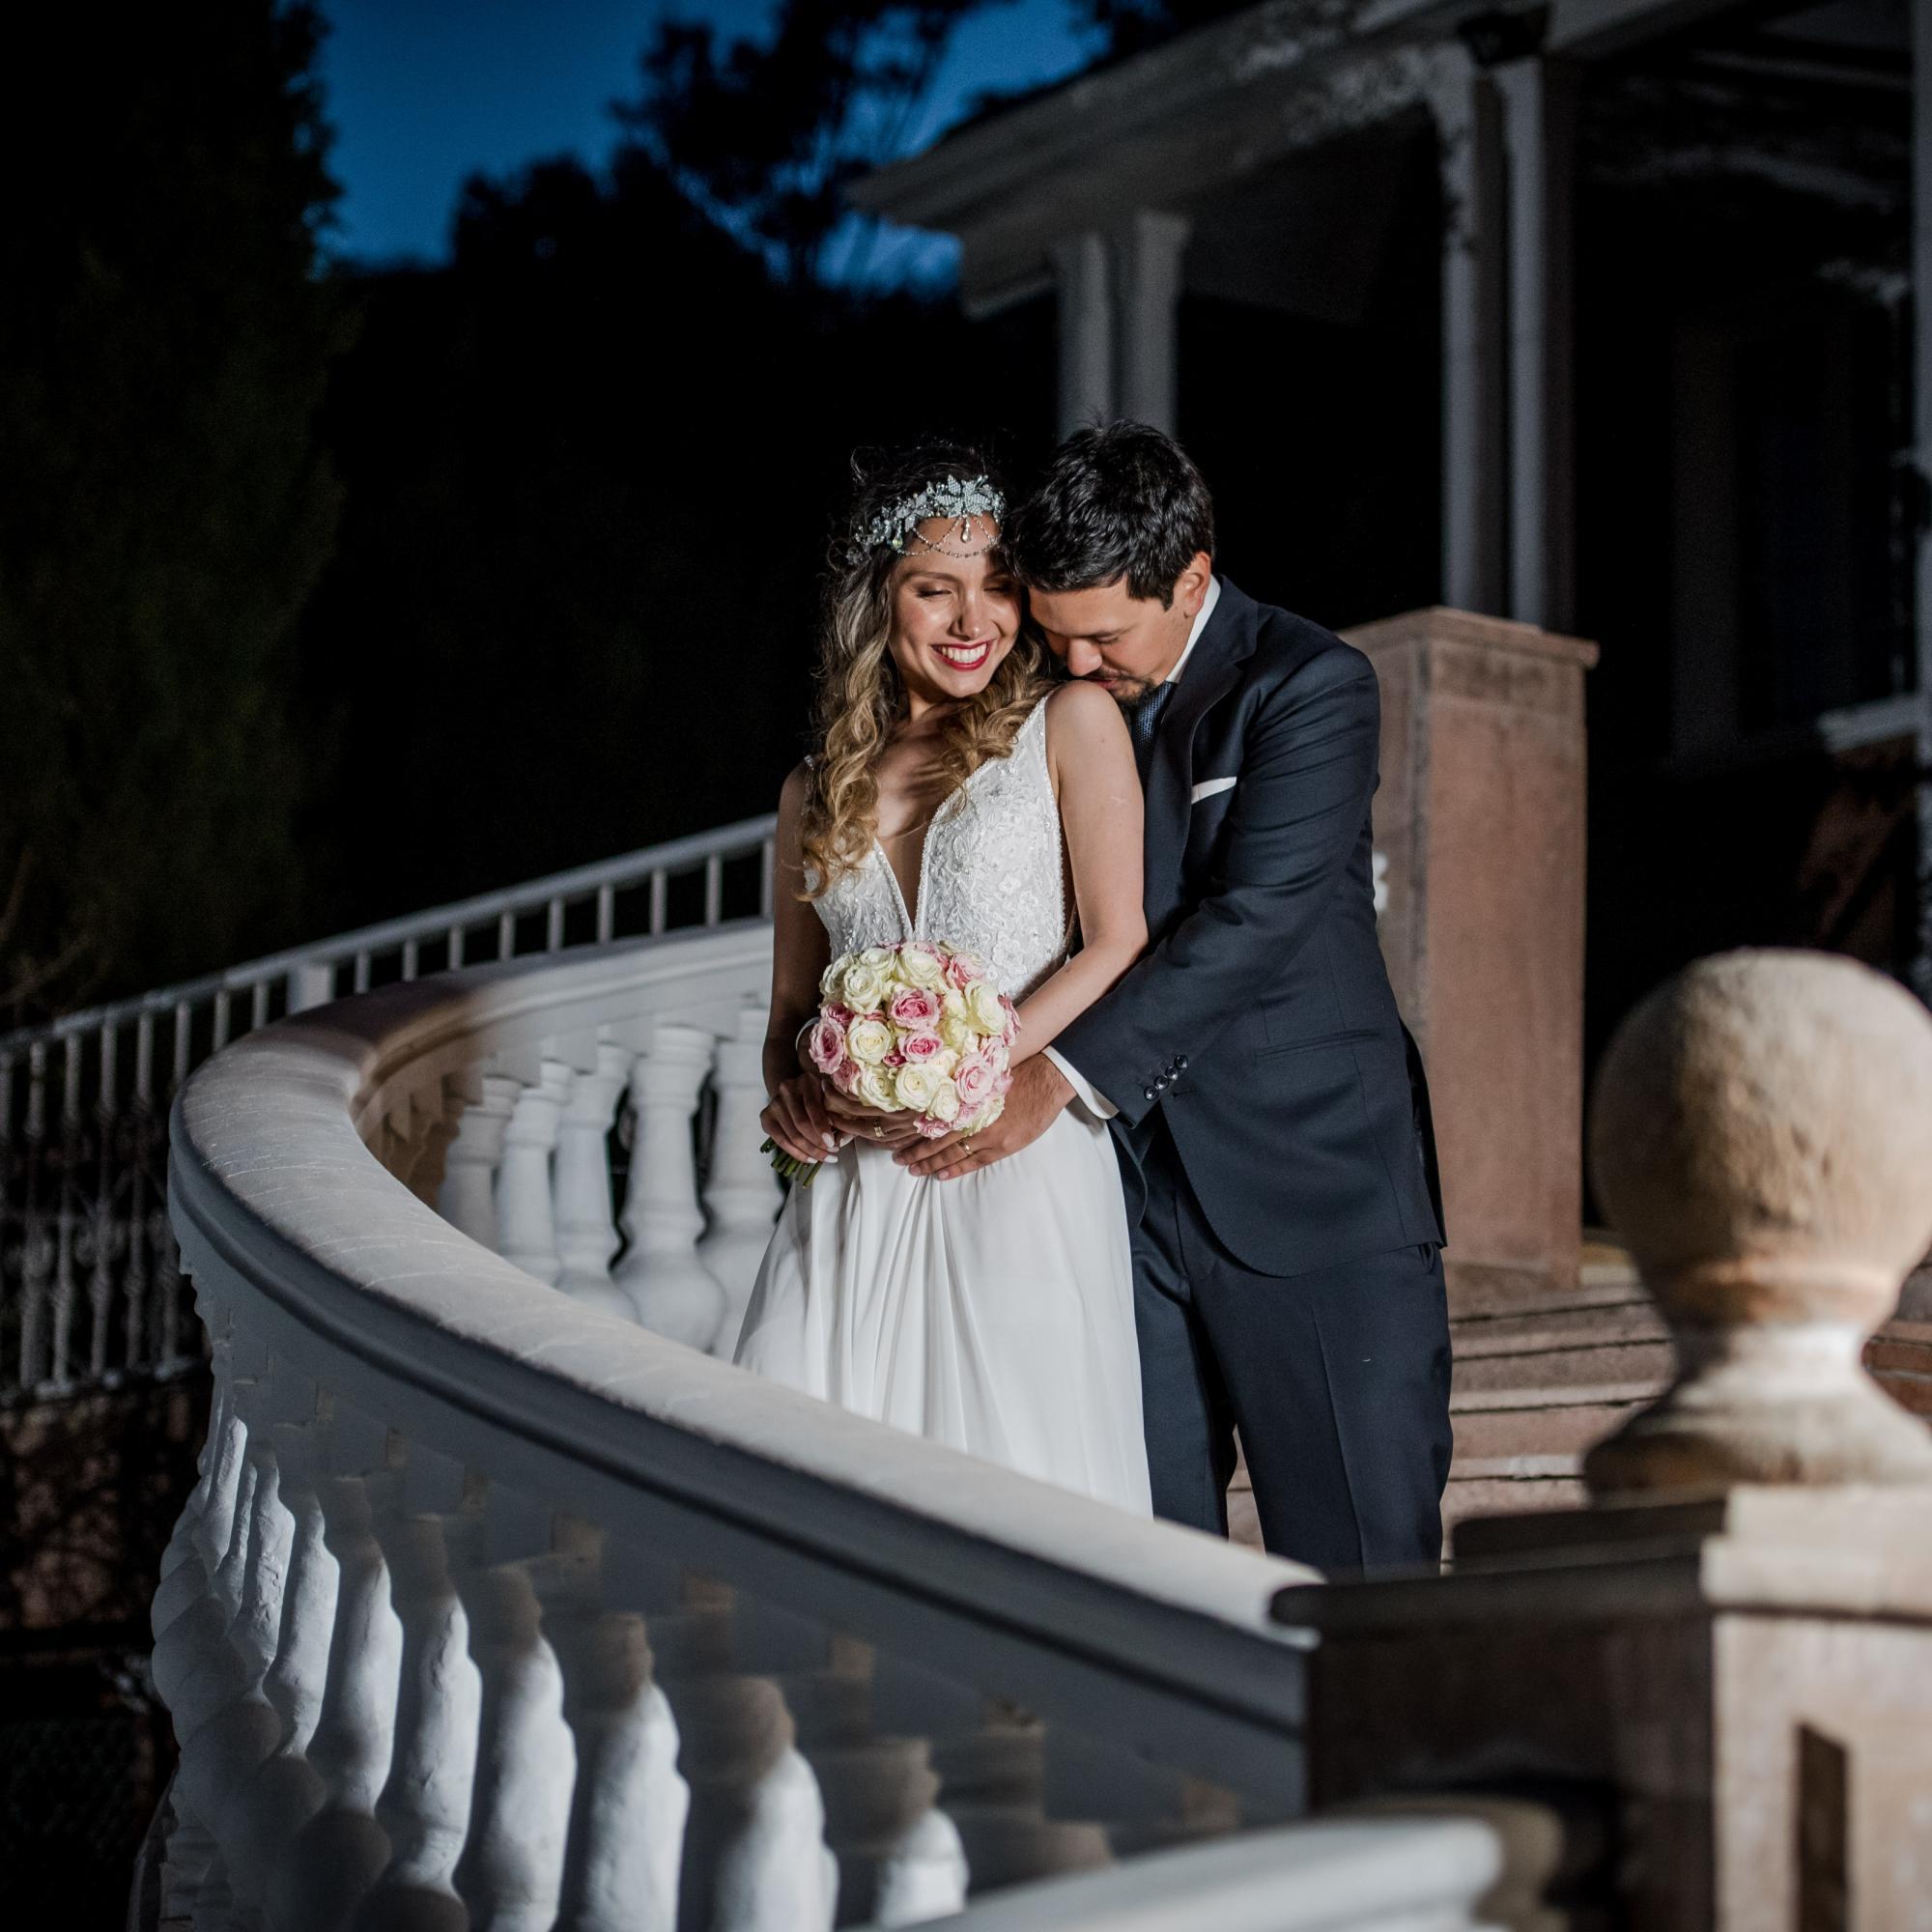 Beautiful couple at Alto del paico